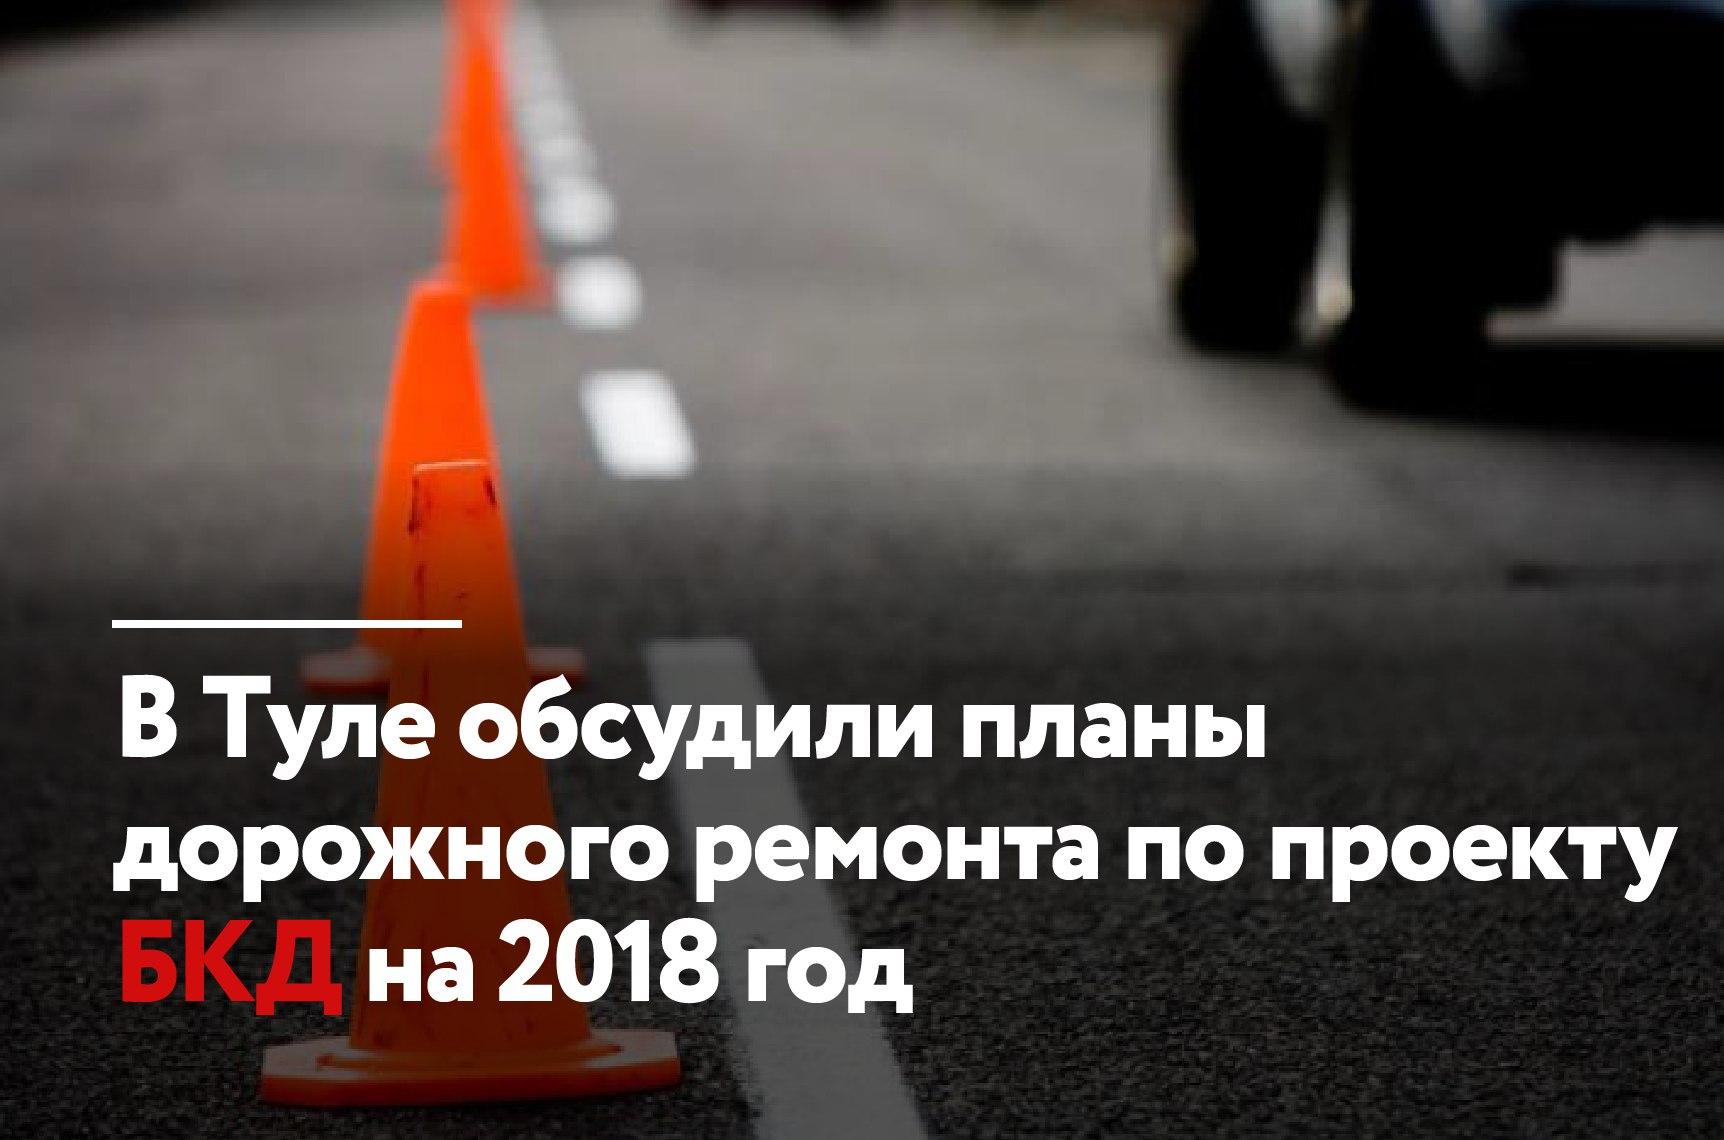 Предстоит отремонтировать почти 108 км дорог, в том числе и в Узловском районе